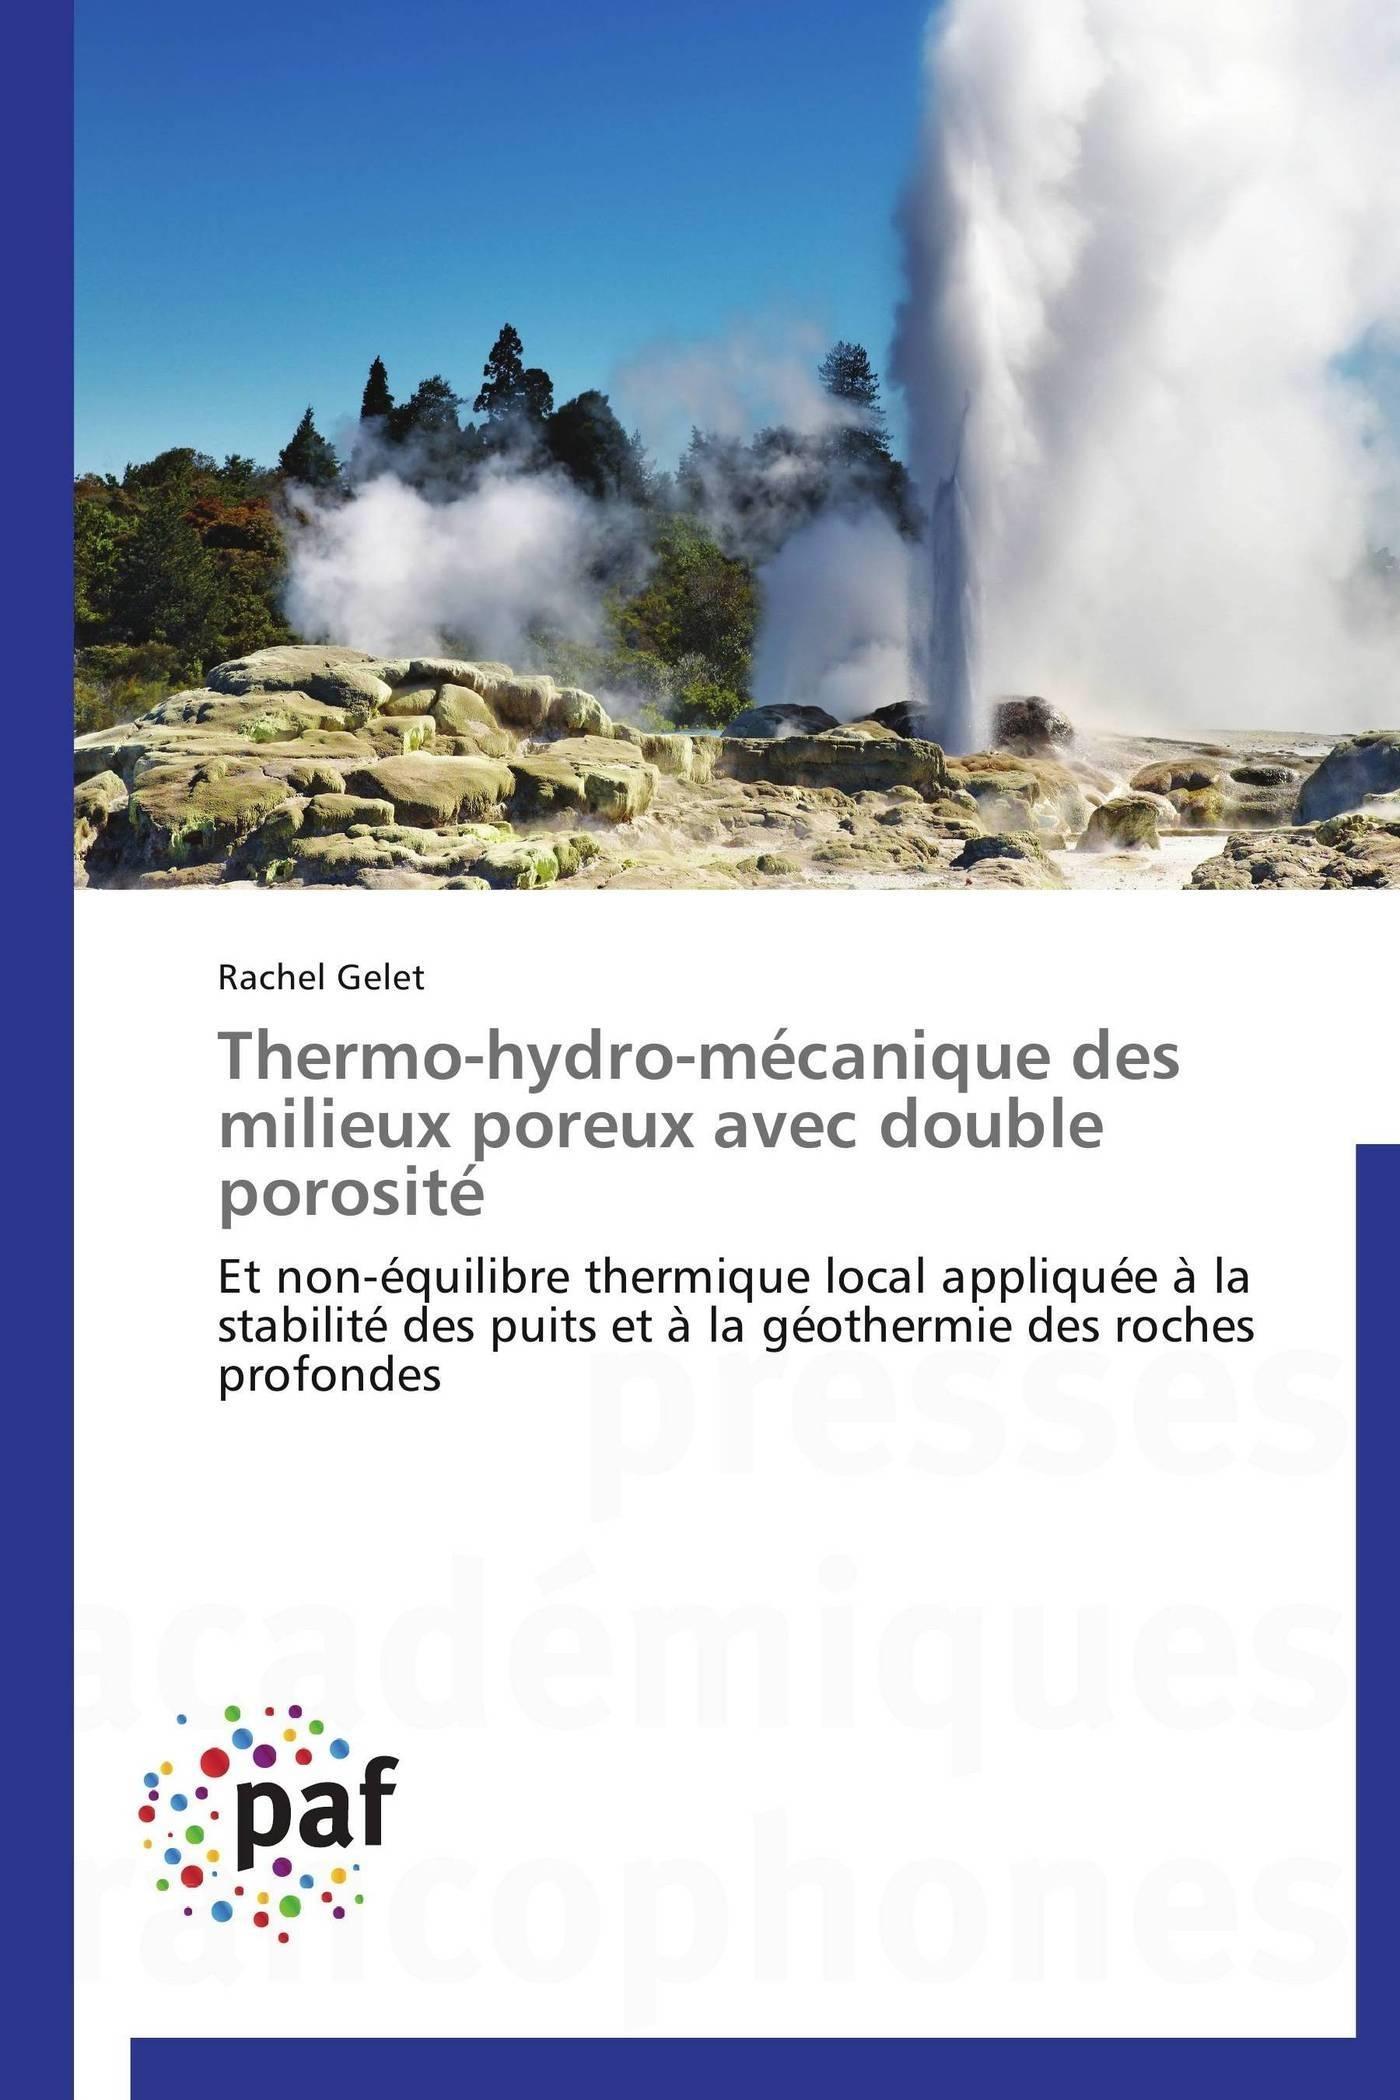 THERMO-HYDRO-MECANIQUE DES MILIEUX POREUX AVEC DOUBLE POROSITE